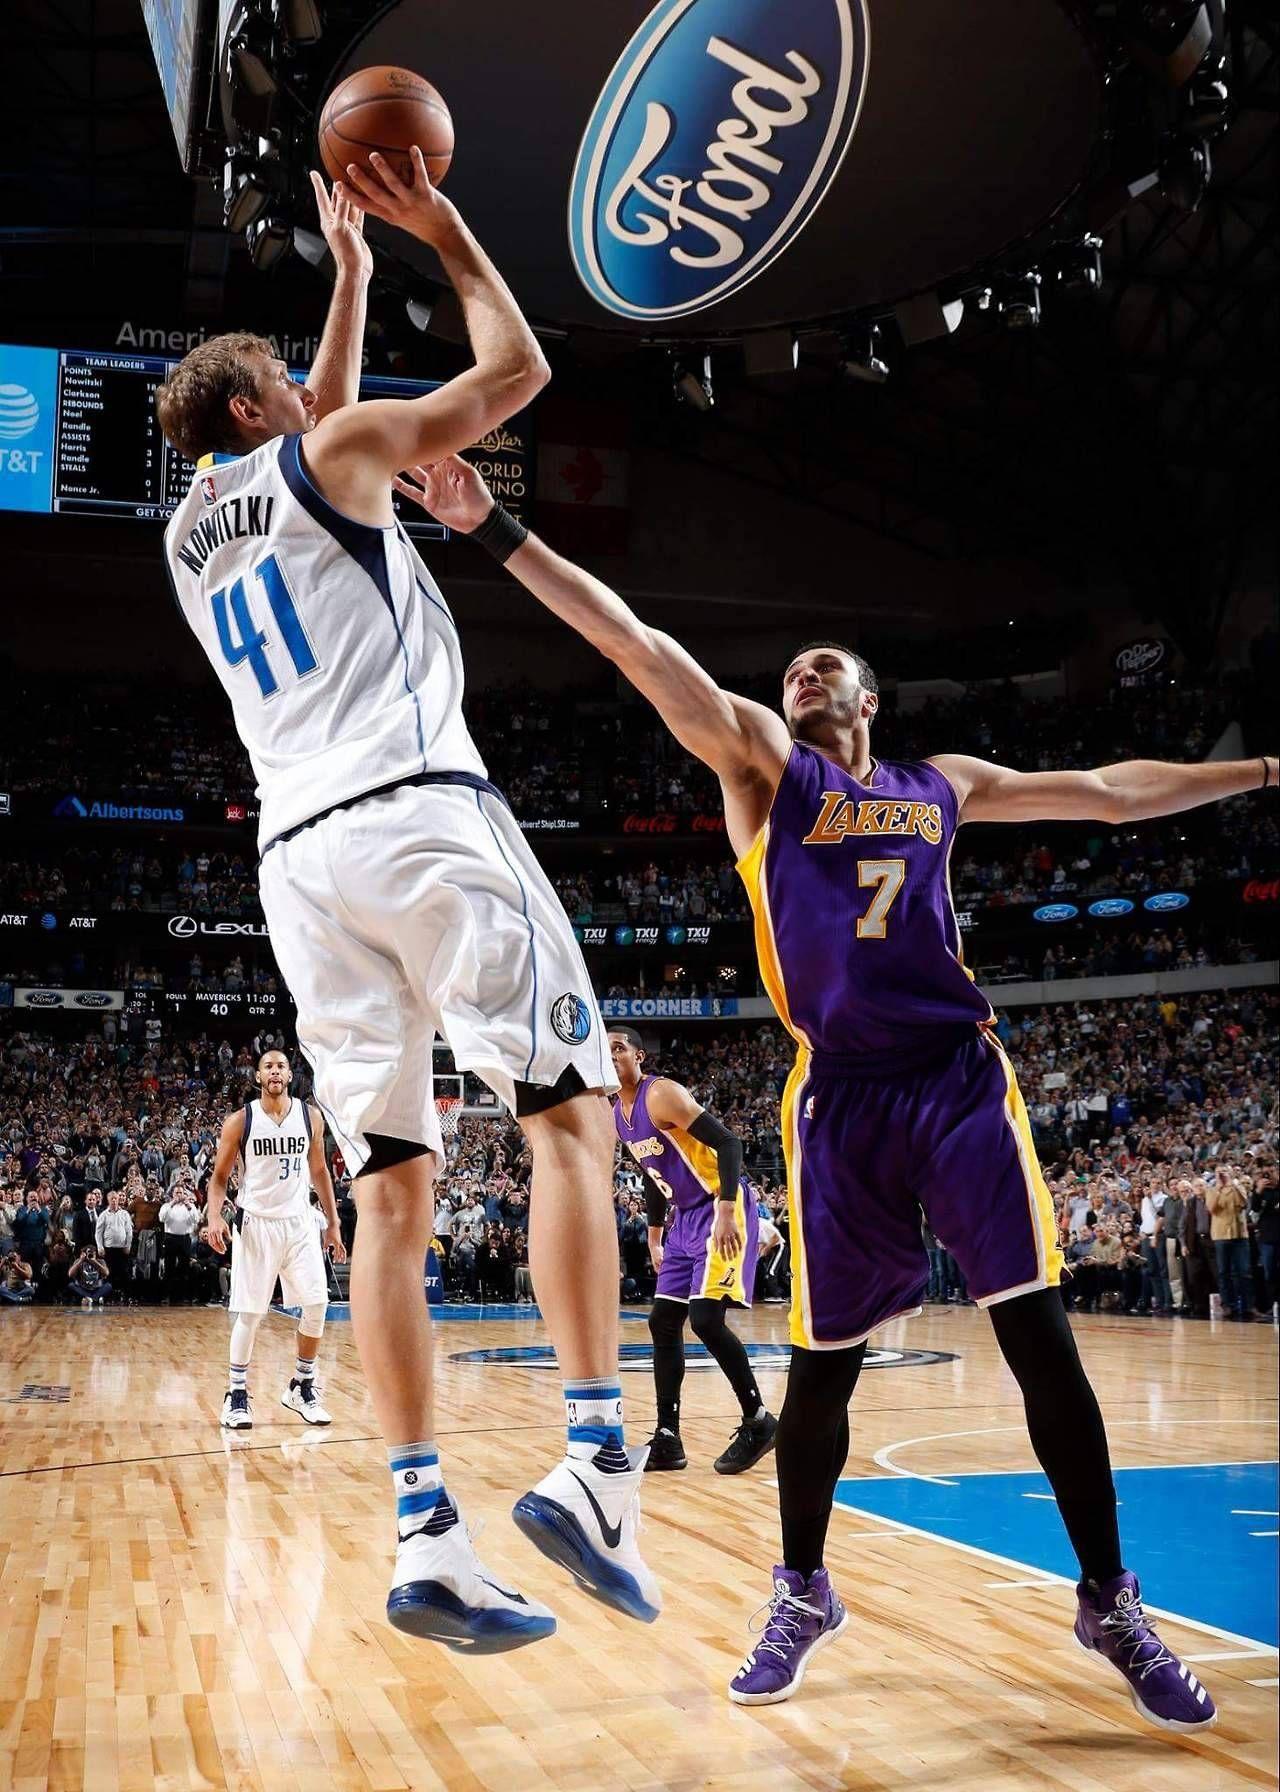 Dirk 2 shot